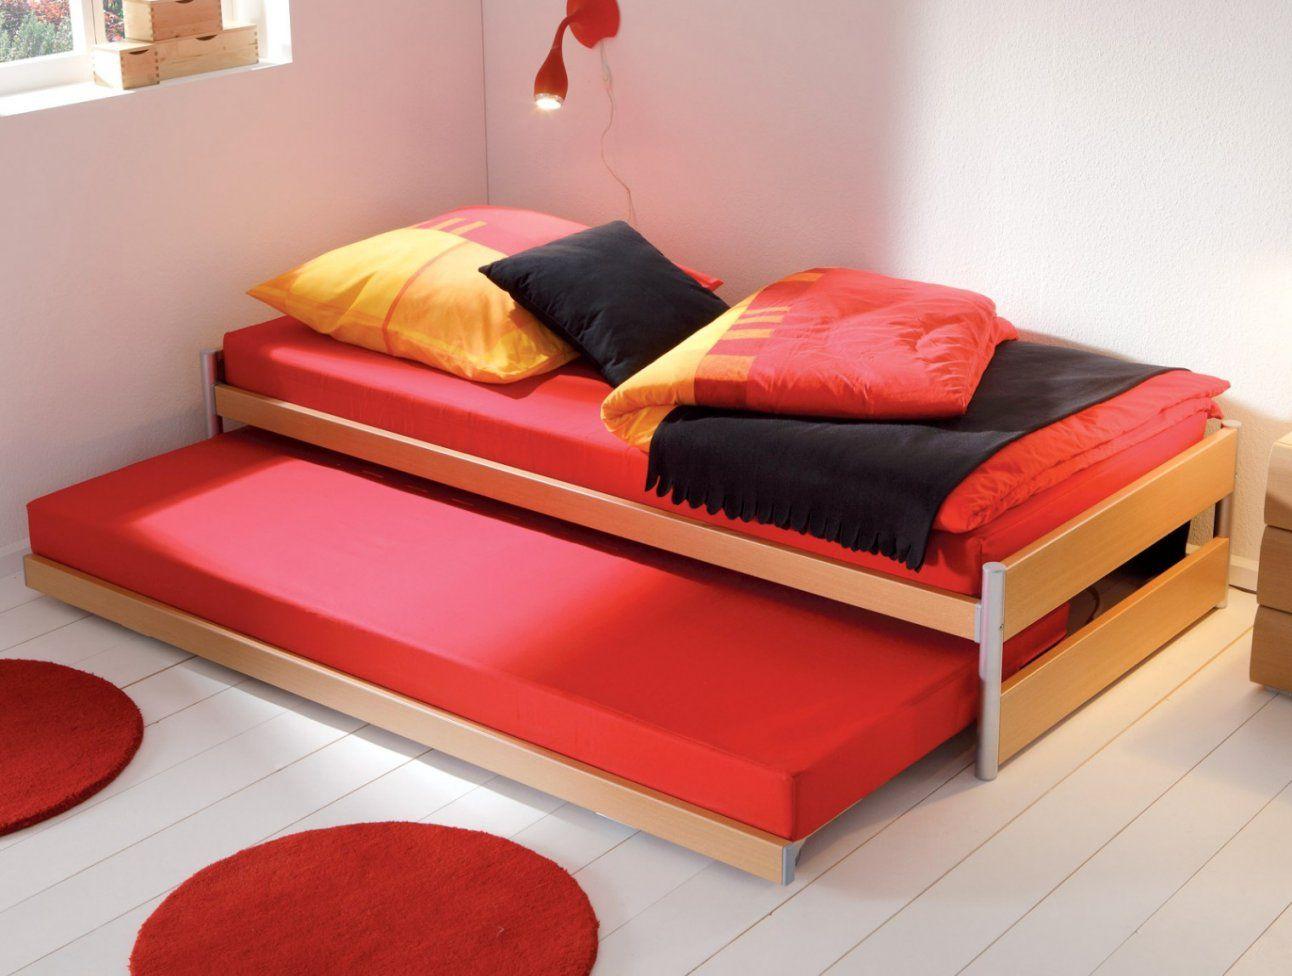 ... Luxuriös Einzelbett Mit Unterbett Weia Rheumriehbett Kinderbett Bett  Von Ausziehbett Gleiche Höhe Ikea Bild ...